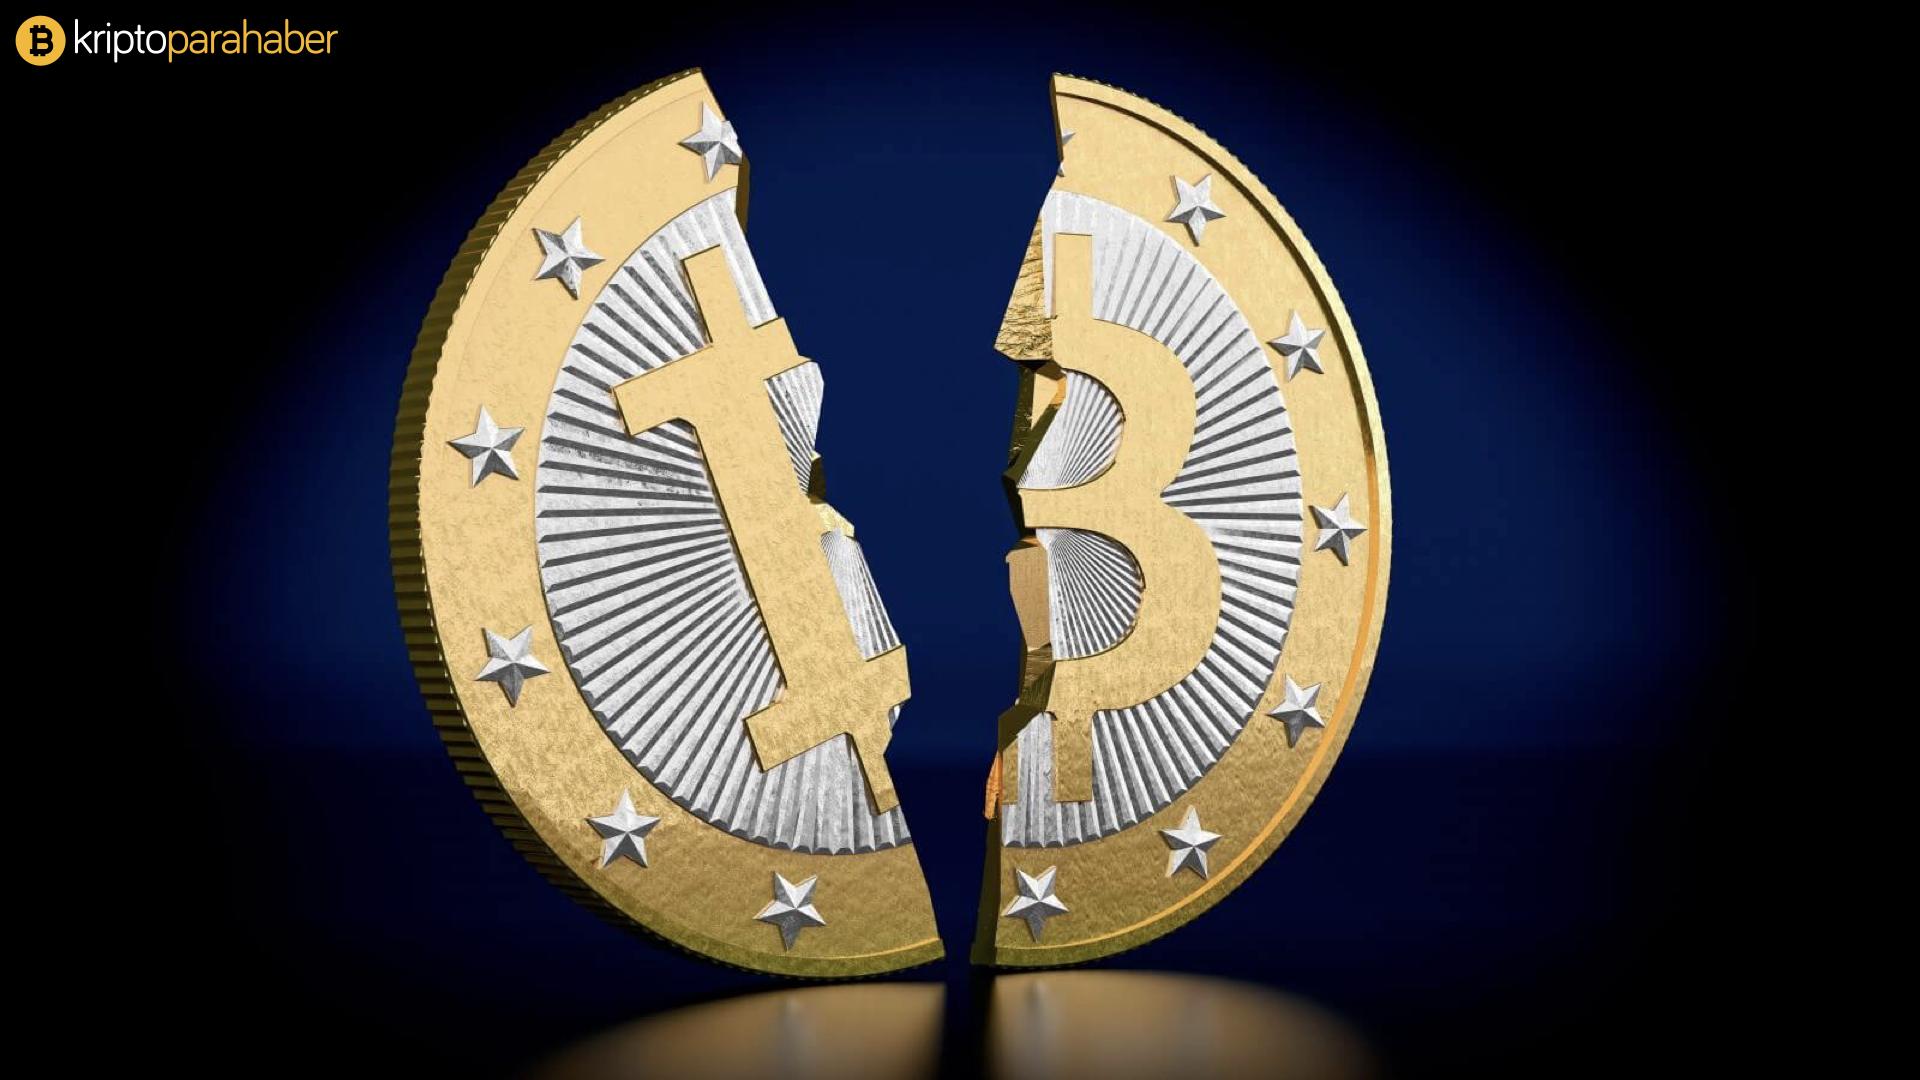 """2016 ve 2020 Bitcoin halving arasında şaşırtan benzerlik: """"Rekor geliyor"""" iddiası!"""